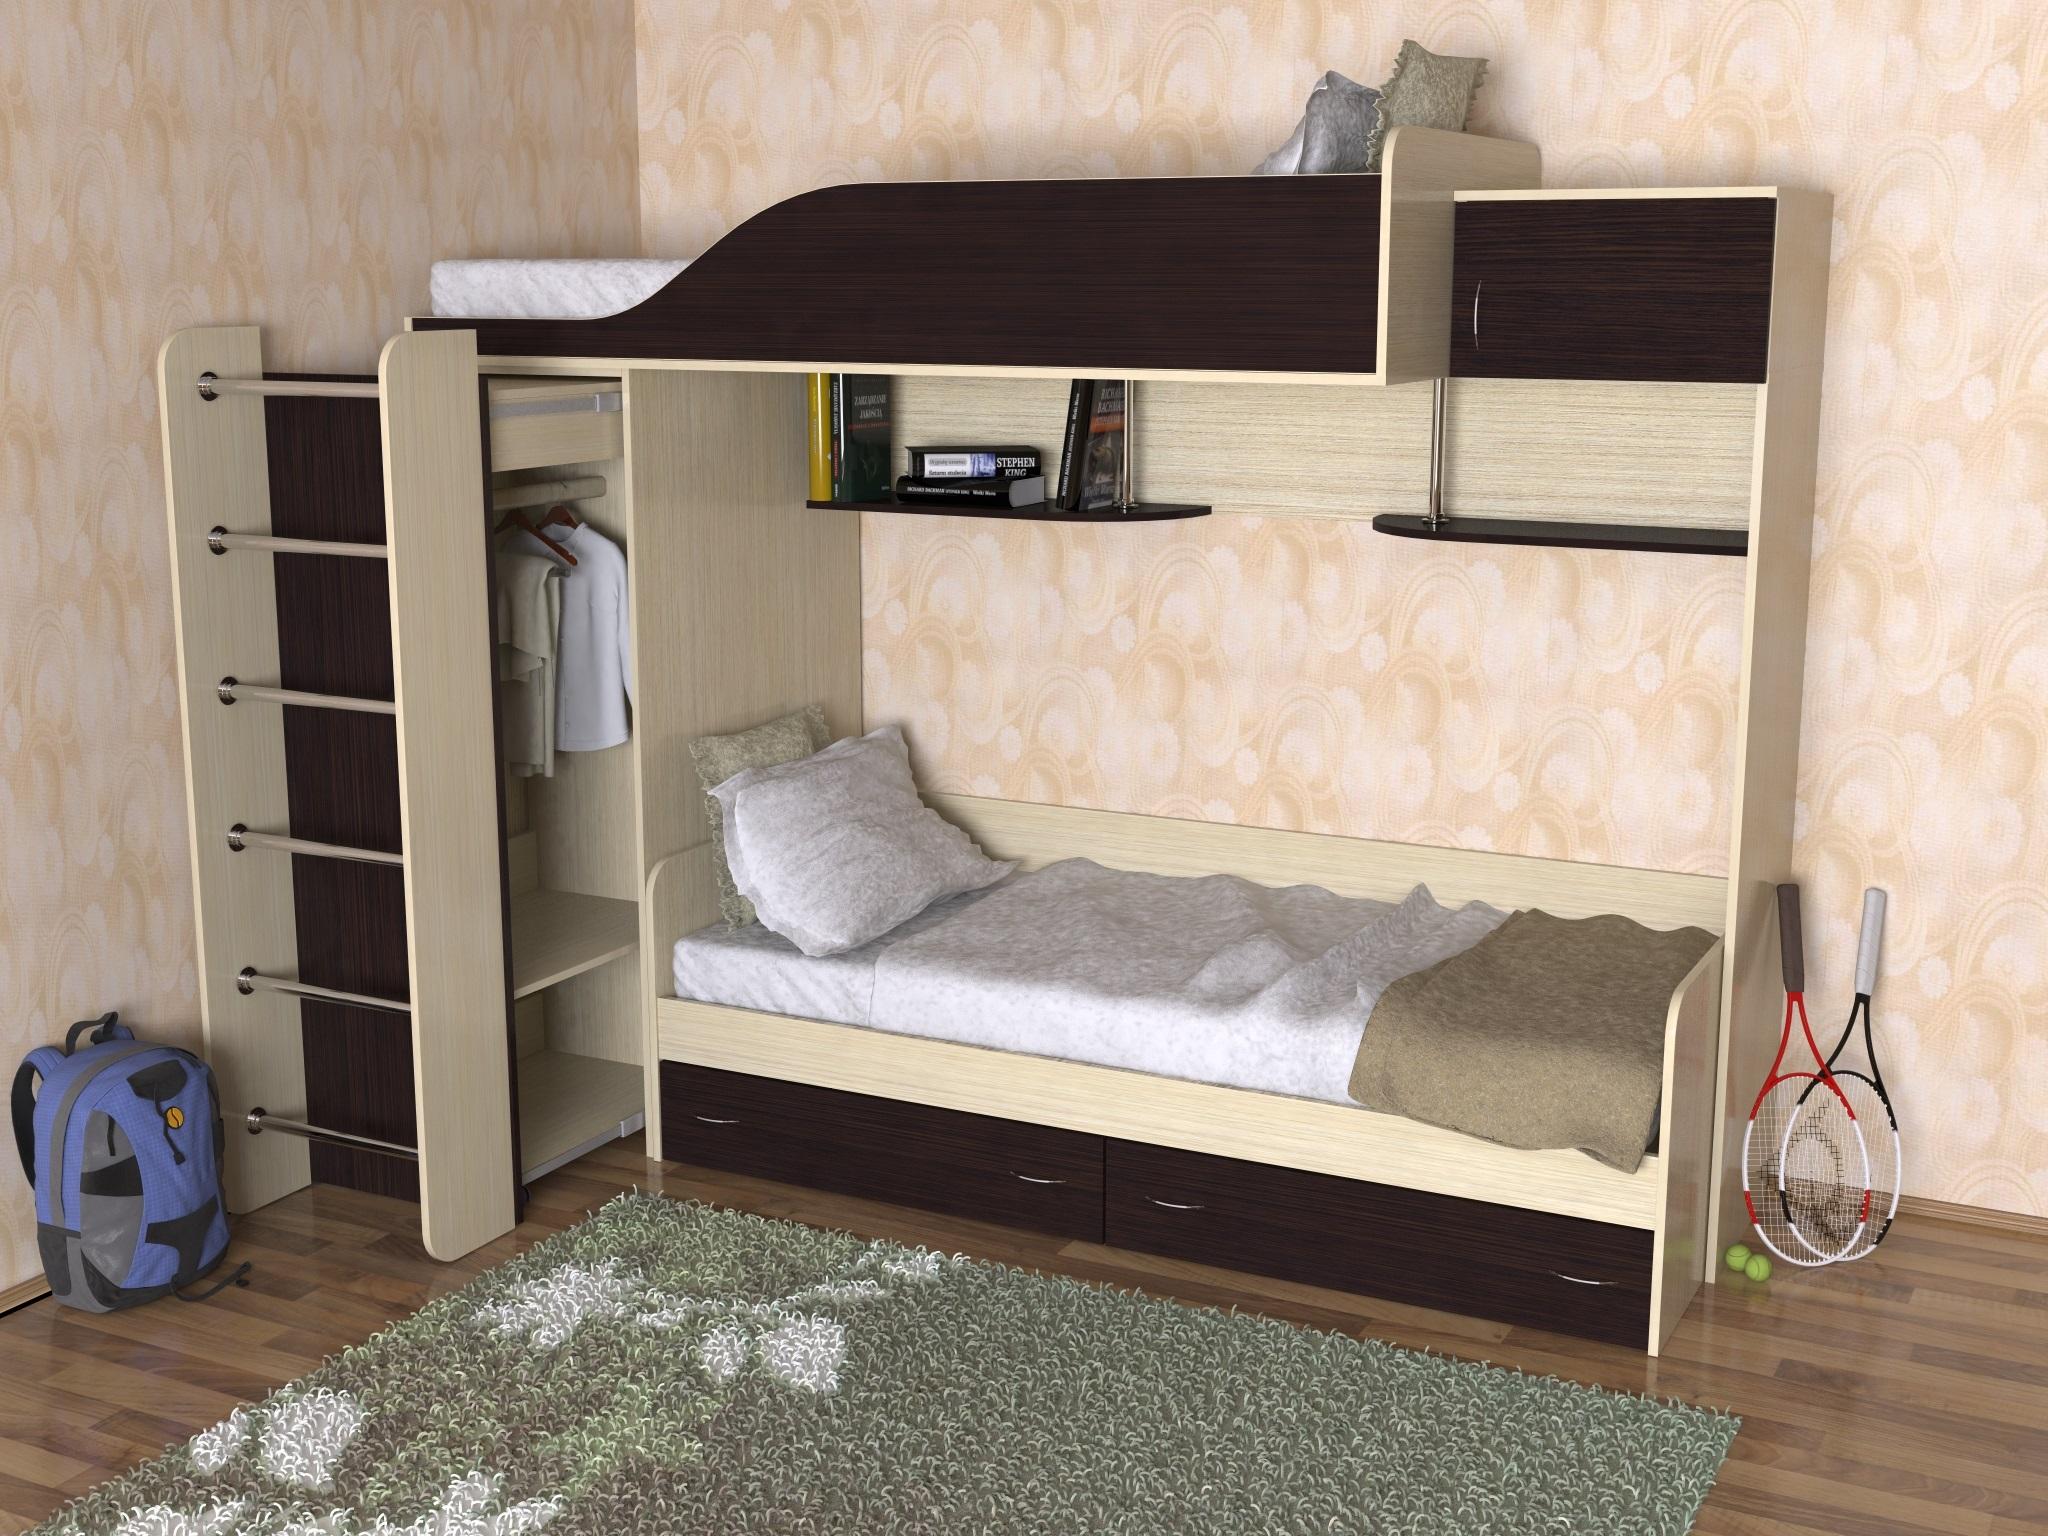 преимущество двухъярусных кроватей